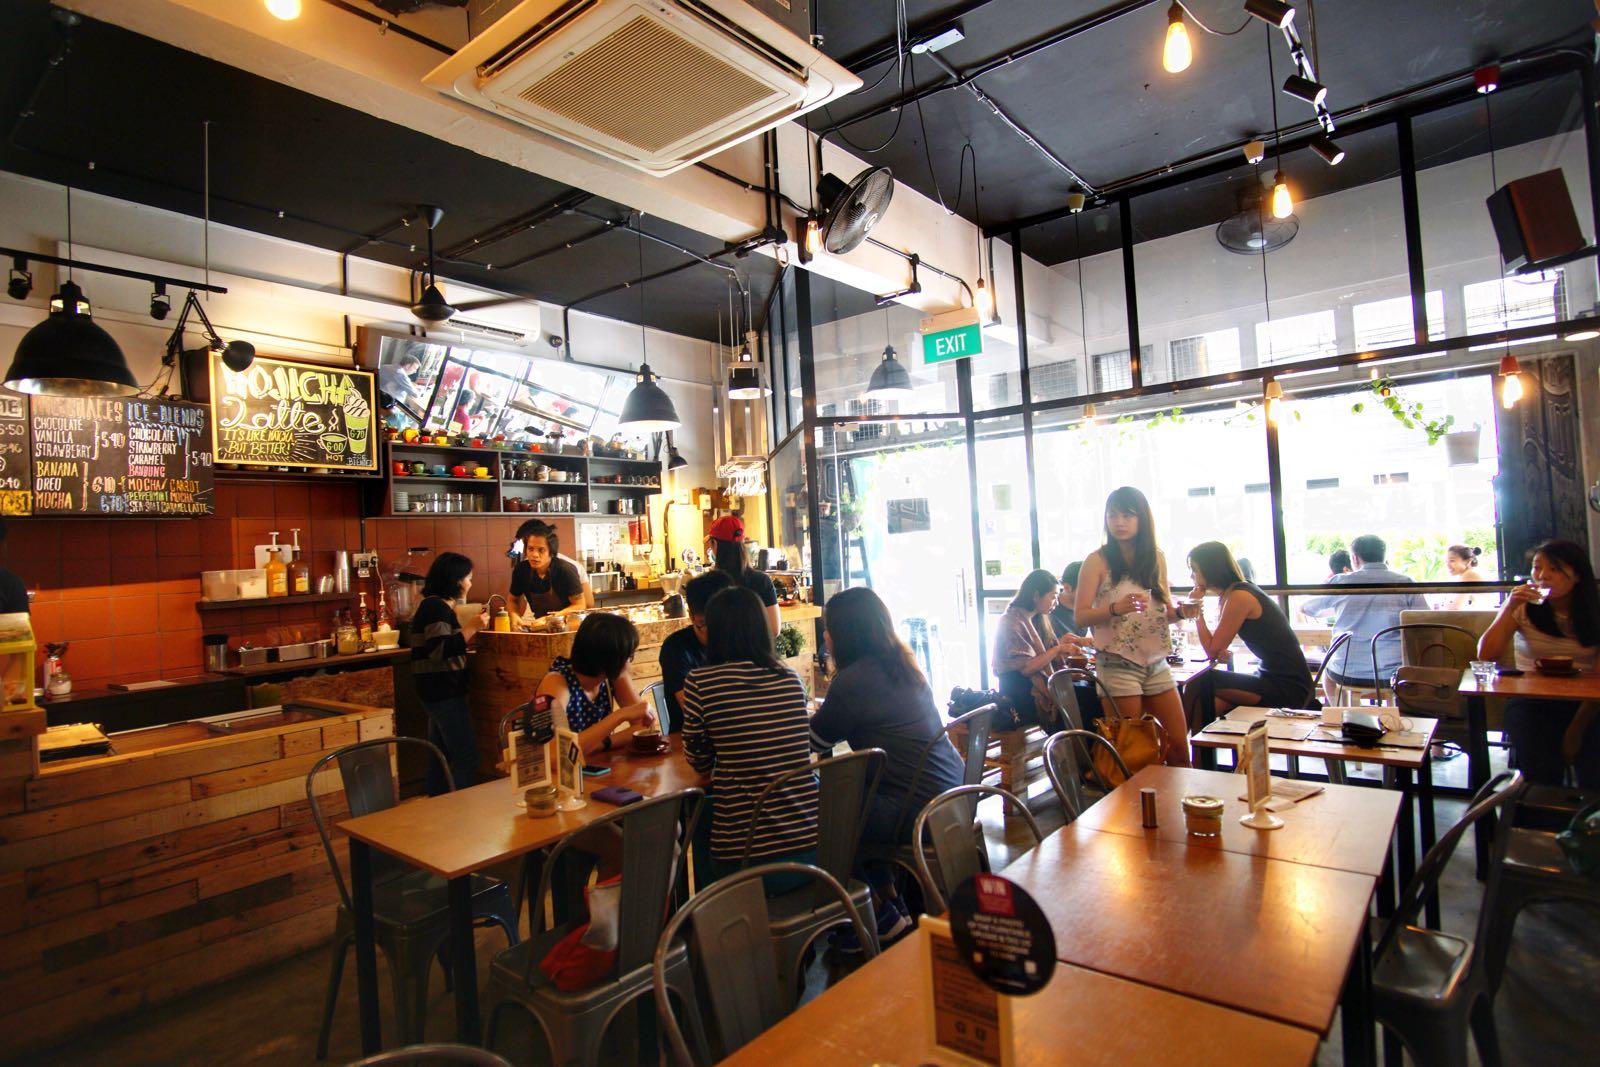 Tolido's Espresso Nook Bugis Singapore inside